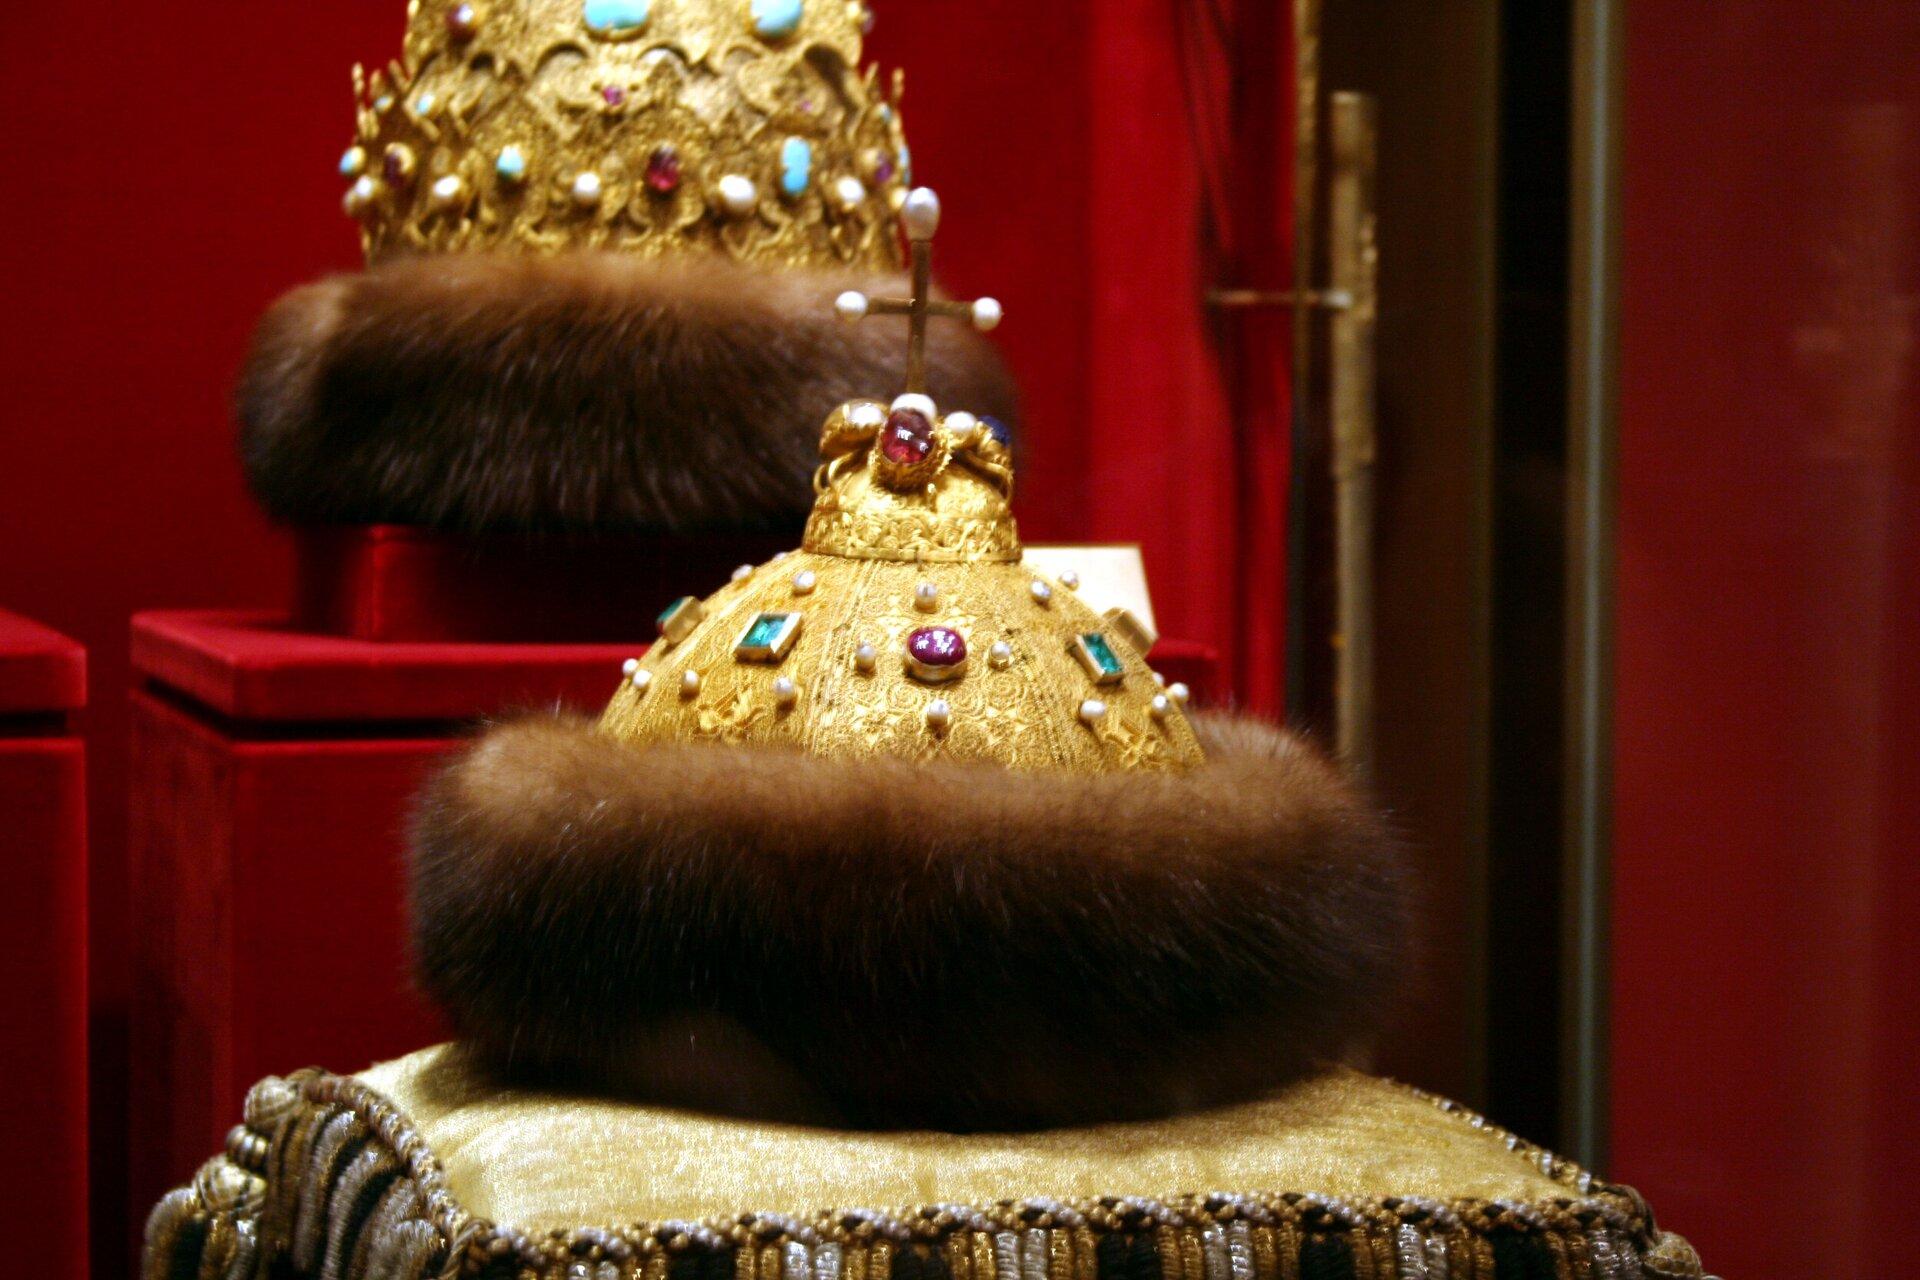 """Tzw. """"Czapka Monomacha"""", insygnium koronacyjne carów rosyjskichdo czasów Piotra I, który ogłosił się w1721r. cesarzem (imperatorem) Cesarstwa Rosyjskiego izmienił insygnia koronacyjne. Obecnie prezentowana jest wMuzeum Kremlowskim wMoskwie. Według legendy Czapkę miał podarować cesarz bizantyjski Konstanty IX księciu Kijowskiemu Włodzimierzowi II Monomachowi, co symbolizować miało przejęcie sukcesji przez Moskwę po Rzymie iKonstantynopolu. Tzw. """"Czapka Monomacha"""", insygnium koronacyjne carów rosyjskichdo czasów Piotra I, który ogłosił się w1721r. cesarzem (imperatorem) Cesarstwa Rosyjskiego izmienił insygnia koronacyjne. Obecnie prezentowana jest wMuzeum Kremlowskim wMoskwie. Według legendy Czapkę miał podarować cesarz bizantyjski Konstanty IX księciu Kijowskiemu Włodzimierzowi II Monomachowi, co symbolizować miało przejęcie sukcesji przez Moskwę po Rzymie iKonstantynopolu. Źródło: Ramón, Wikimedia Commons, licencja: CC BY-SA 2.0."""